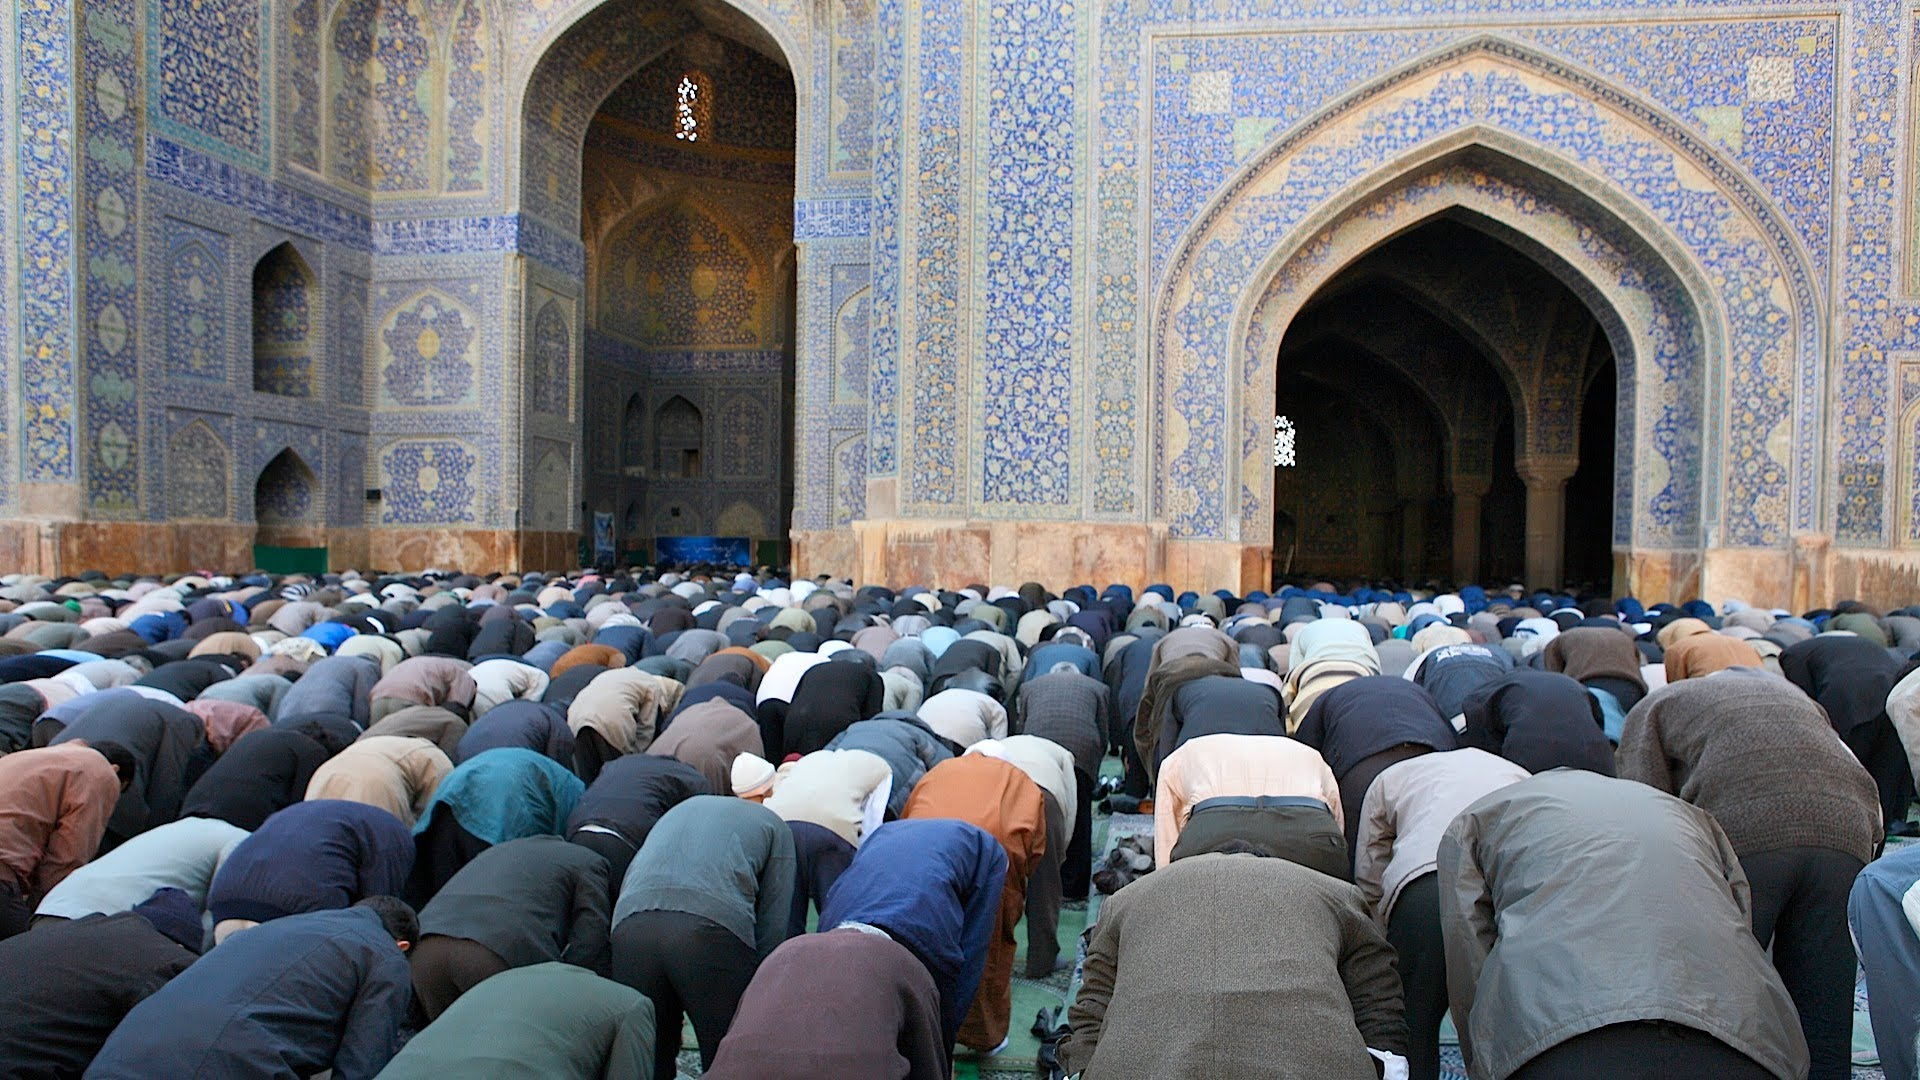 Ponad półtora miliarda wyznawców islamu na świecie rozpoczyna ramadan